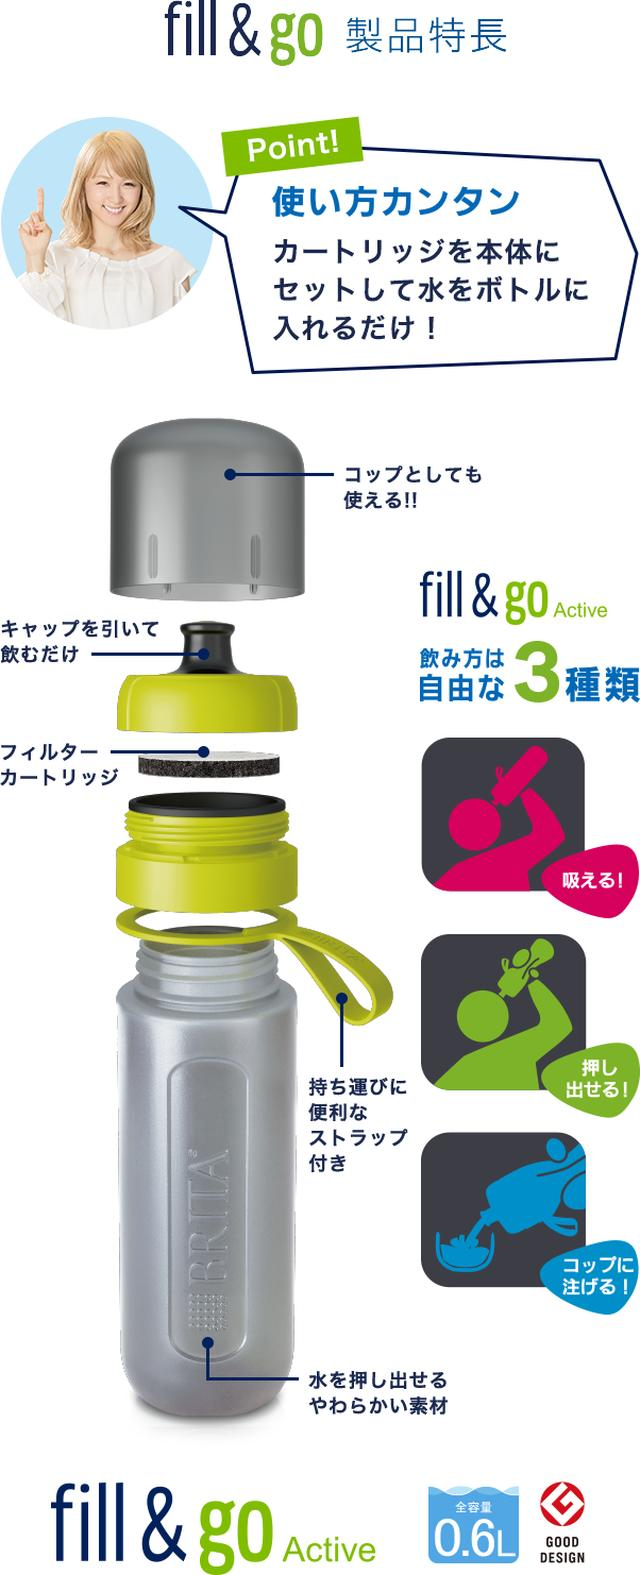 画像2: 新製品『fill&go Active』とは?